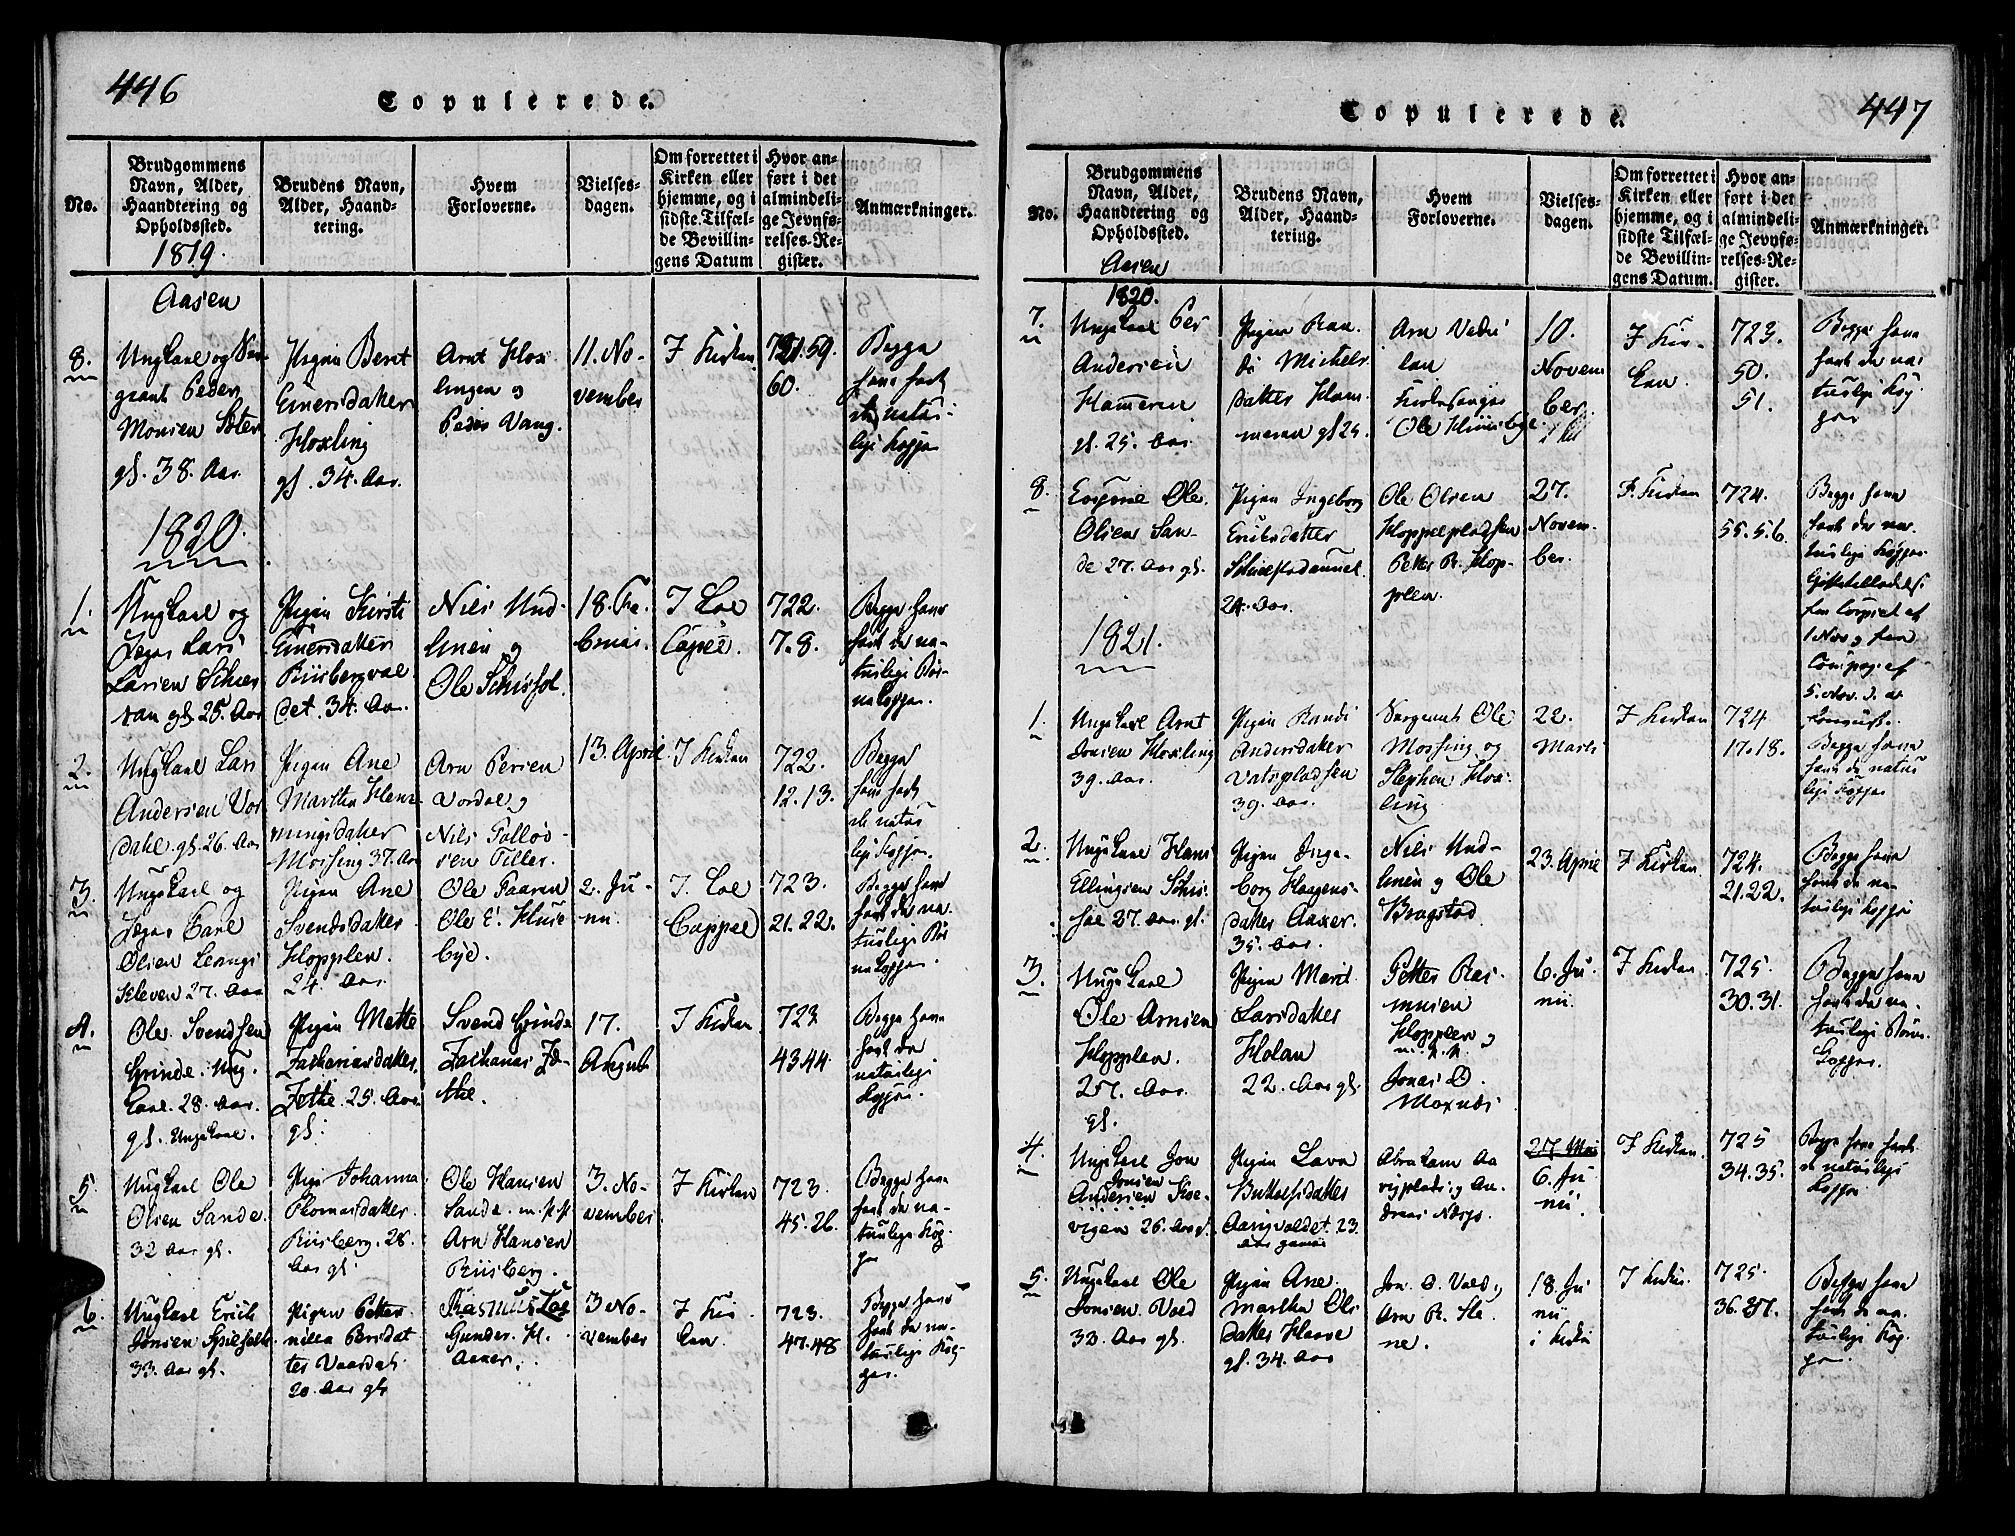 SAT, Ministerialprotokoller, klokkerbøker og fødselsregistre - Nord-Trøndelag, 713/L0112: Ministerialbok nr. 713A04 /2, 1817-1827, s. 446-447